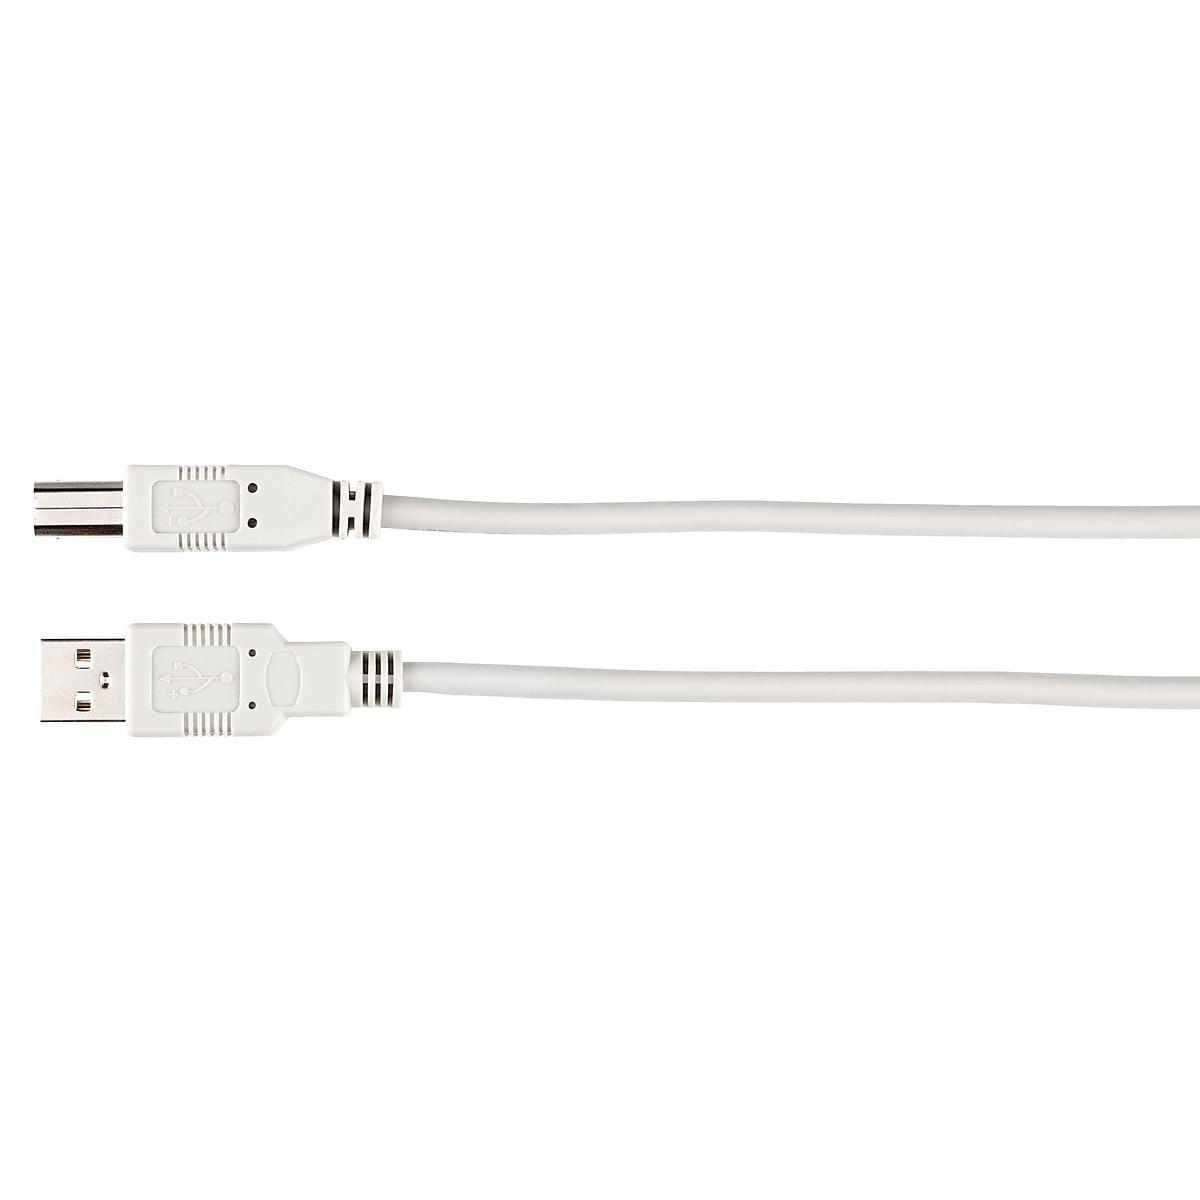 USB-kabel Exibel